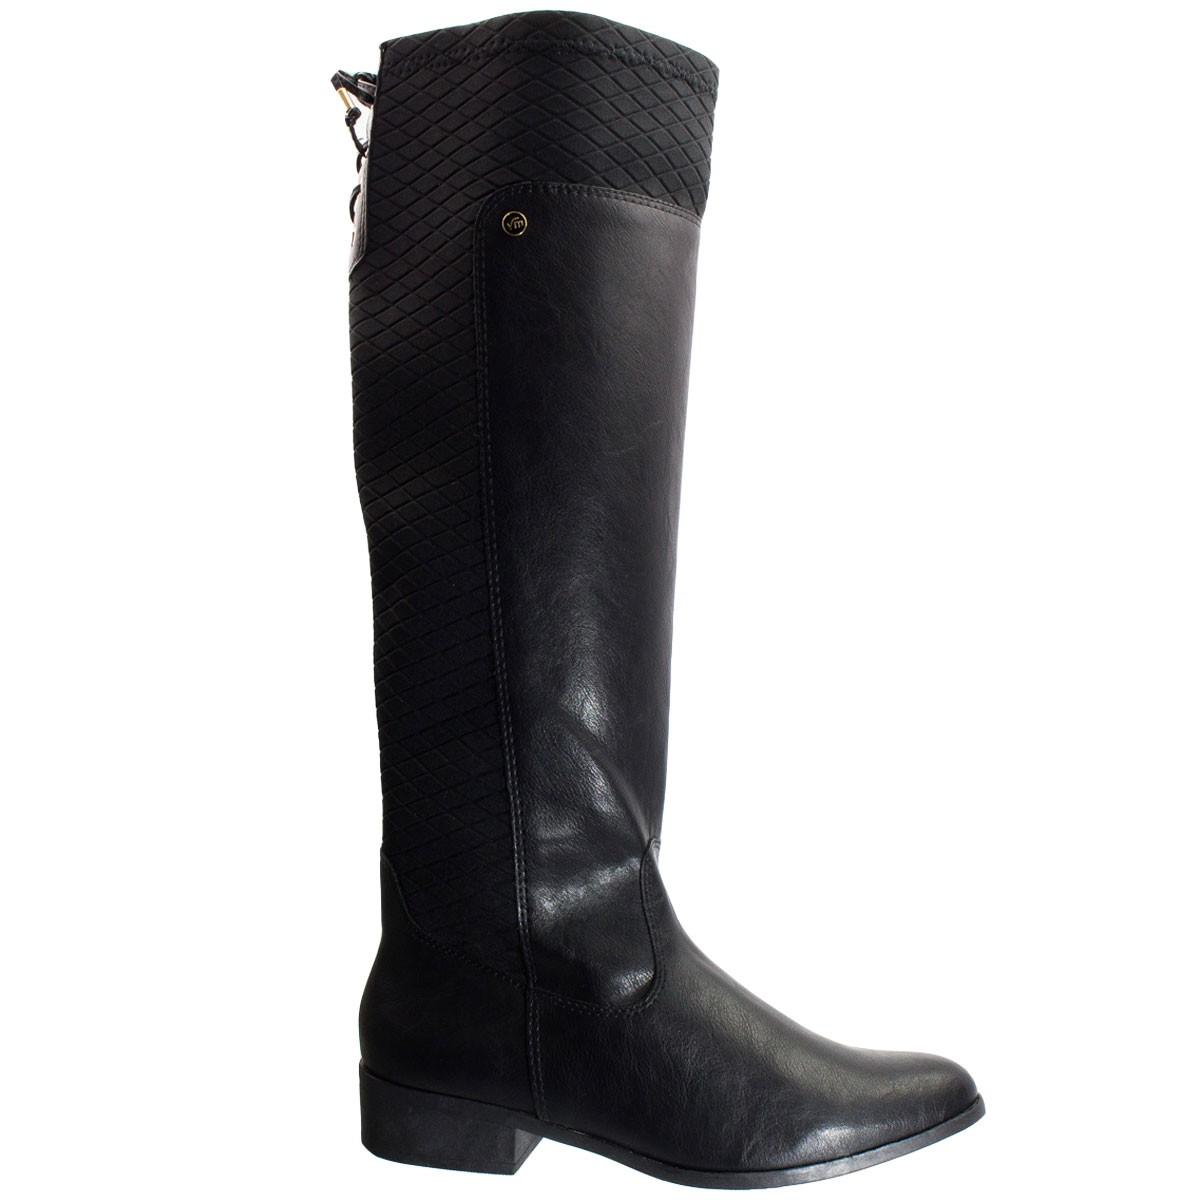 77f00387f2 Bizz Store - Bota Feminina Via Marte Napa Style Cano Longo